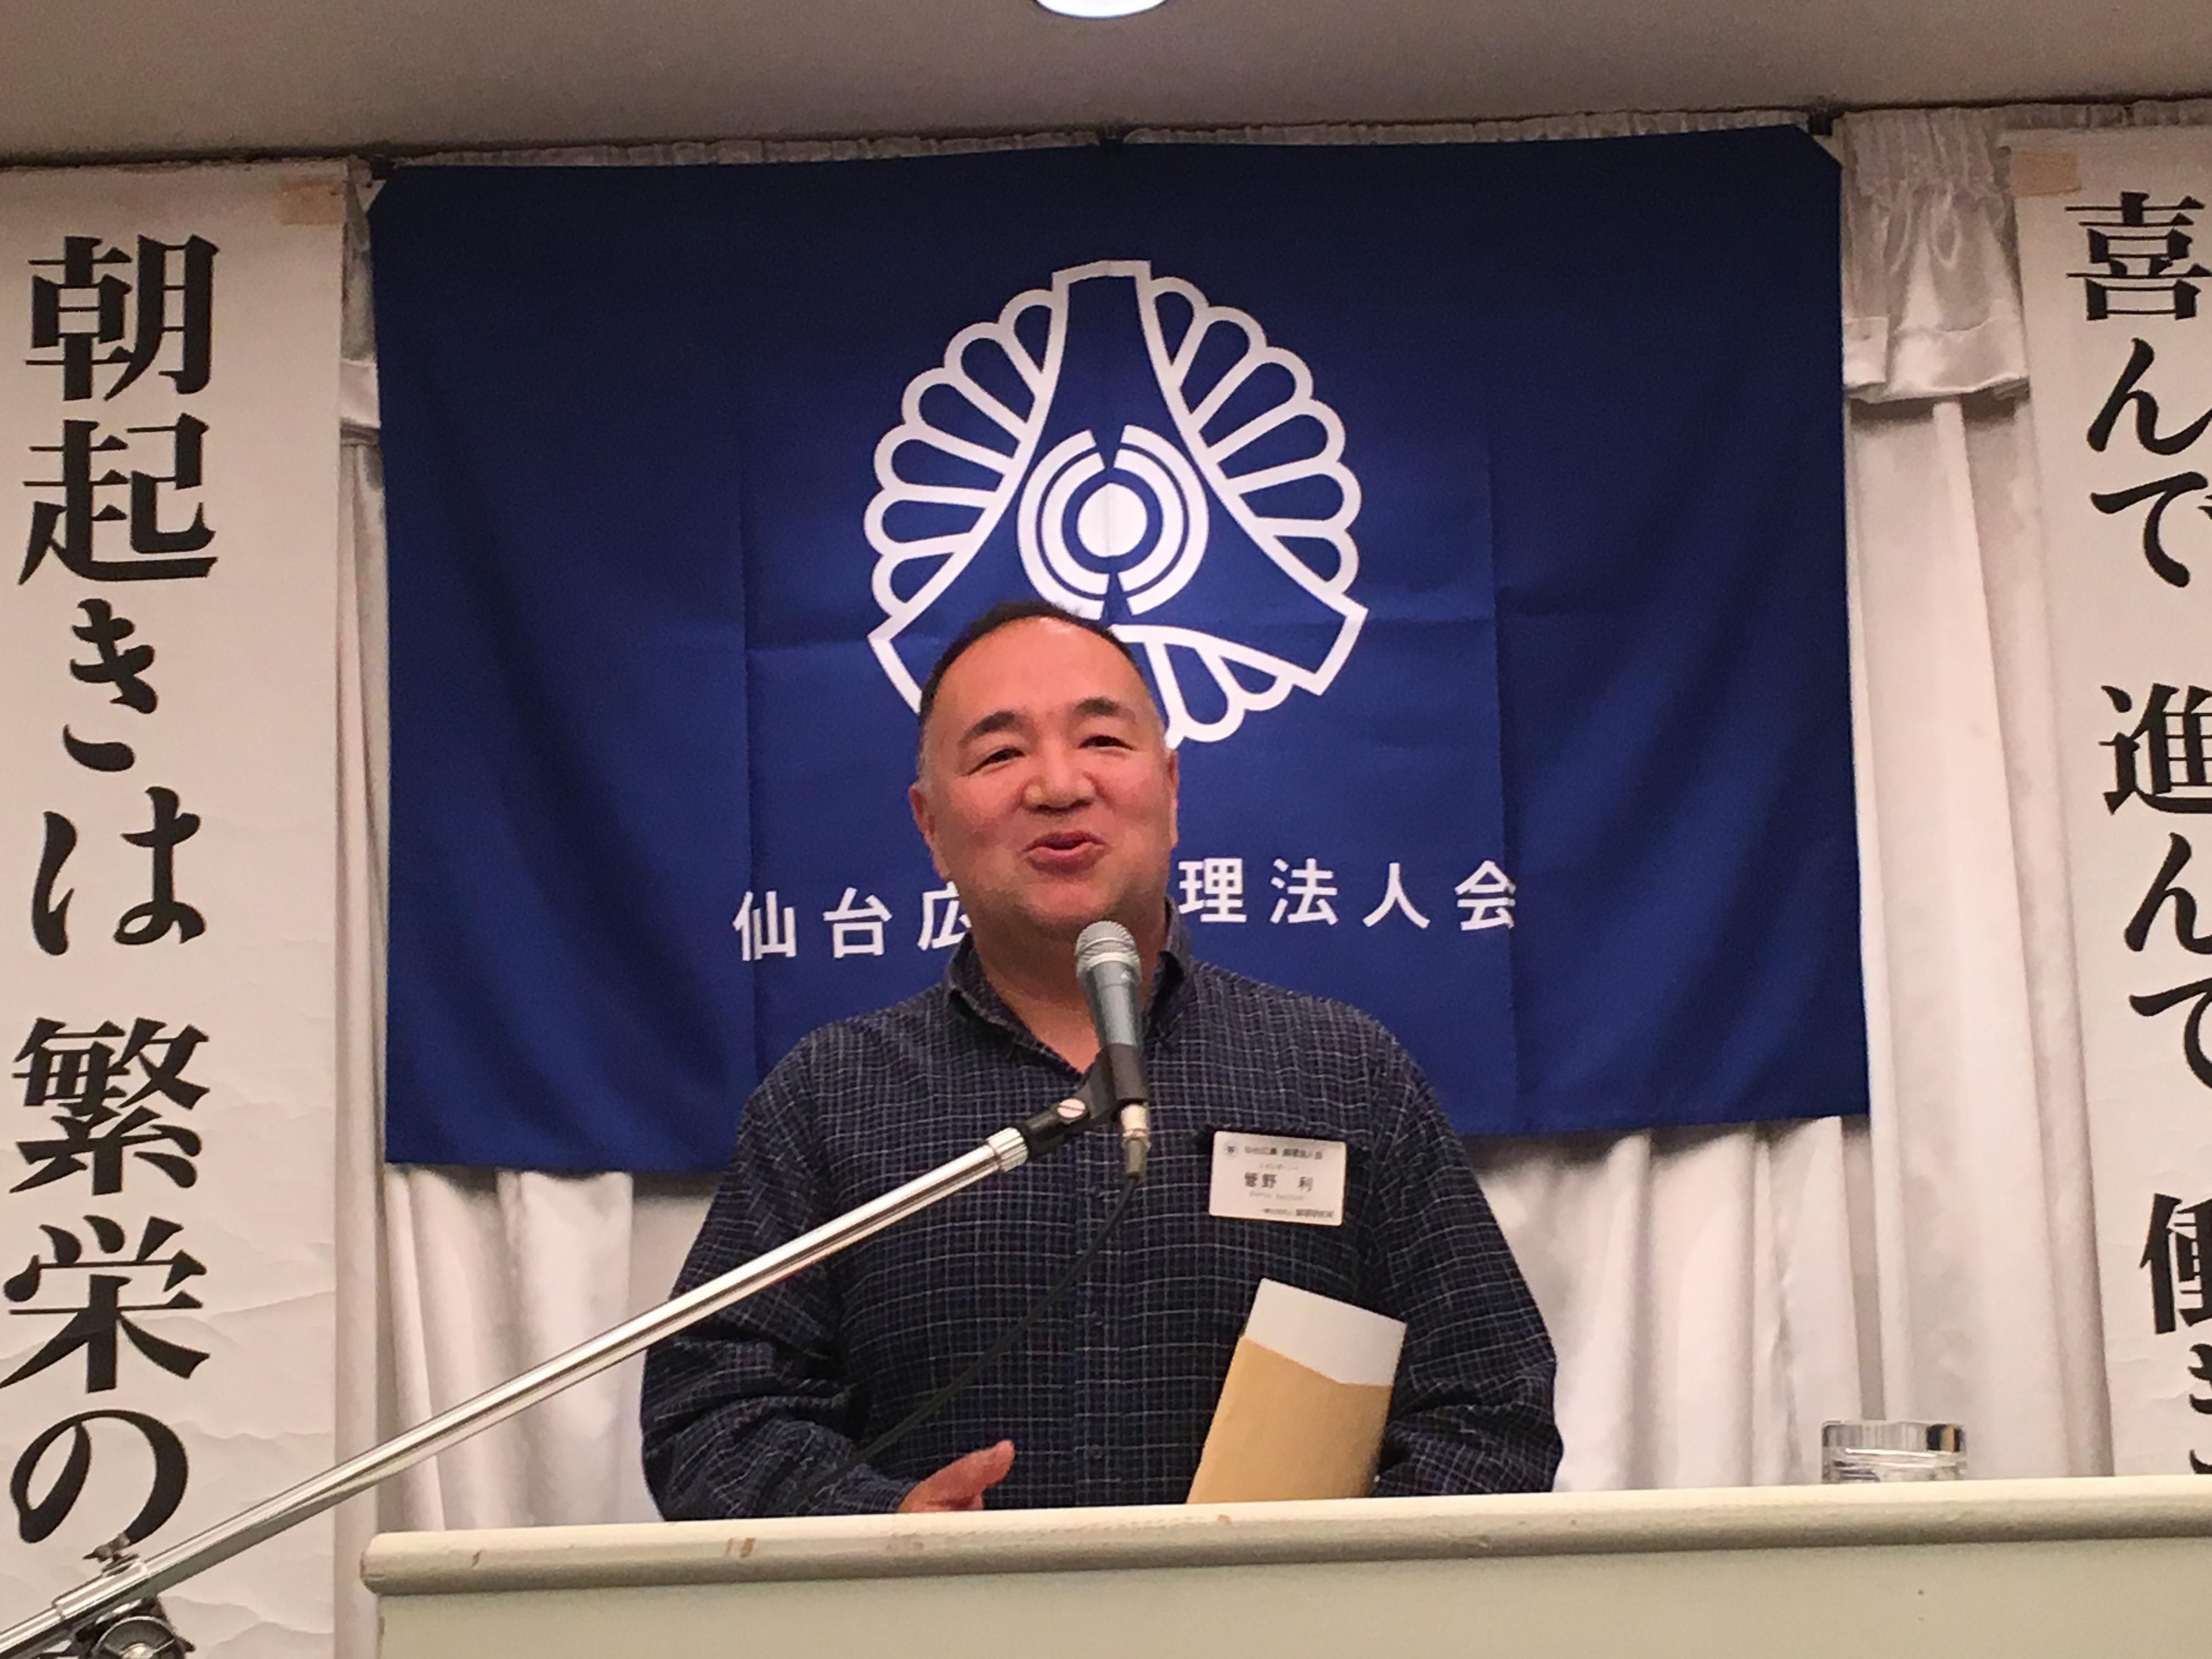 菅野利さん 新入会員 名札授与式